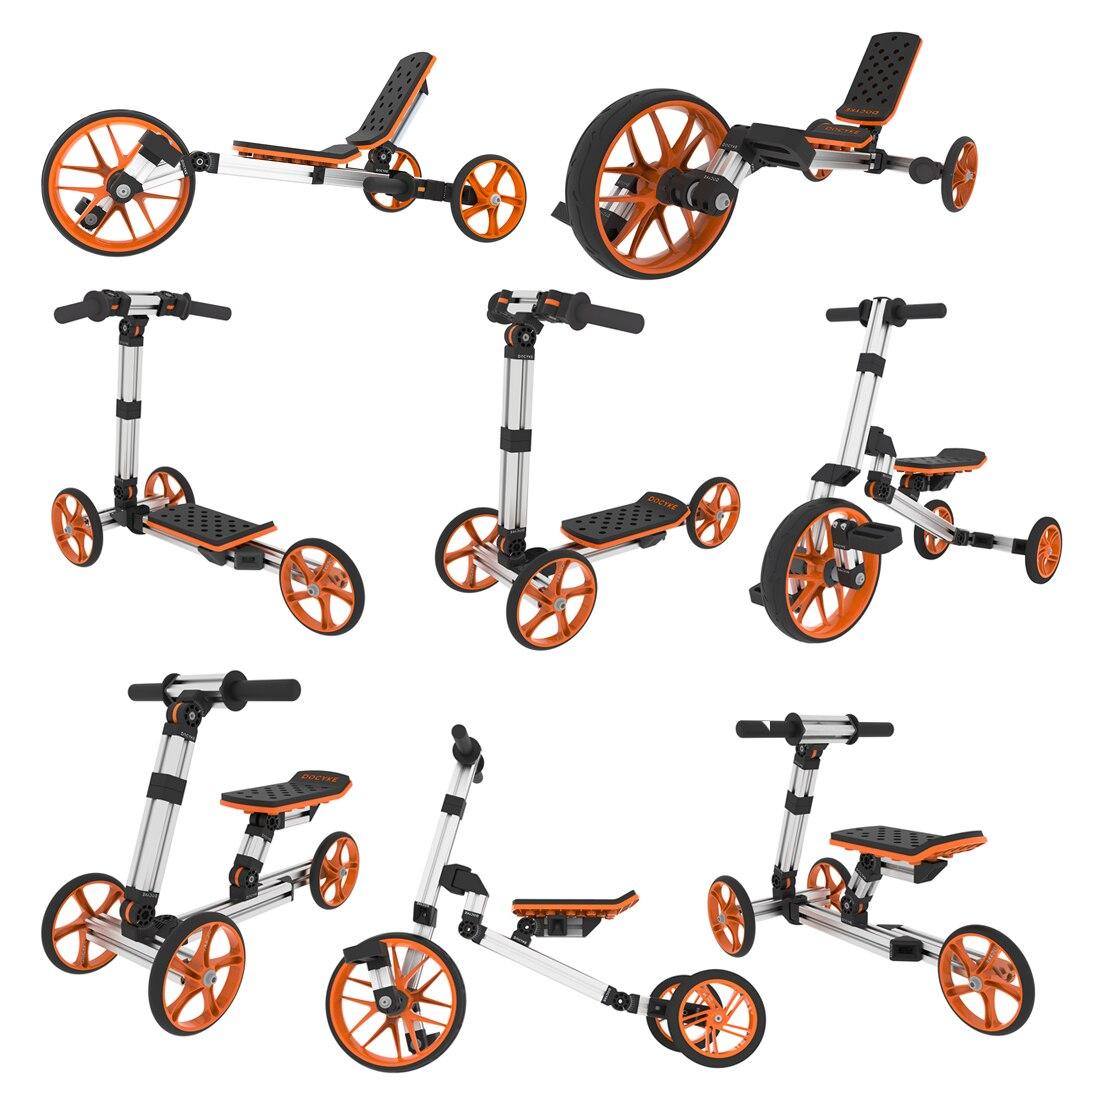 8 en 1 enfants bricolage liberté assemblage modularité déformation équilibre voiture mise à niveau Kit pour 4 en 1 déformation Balance voiture